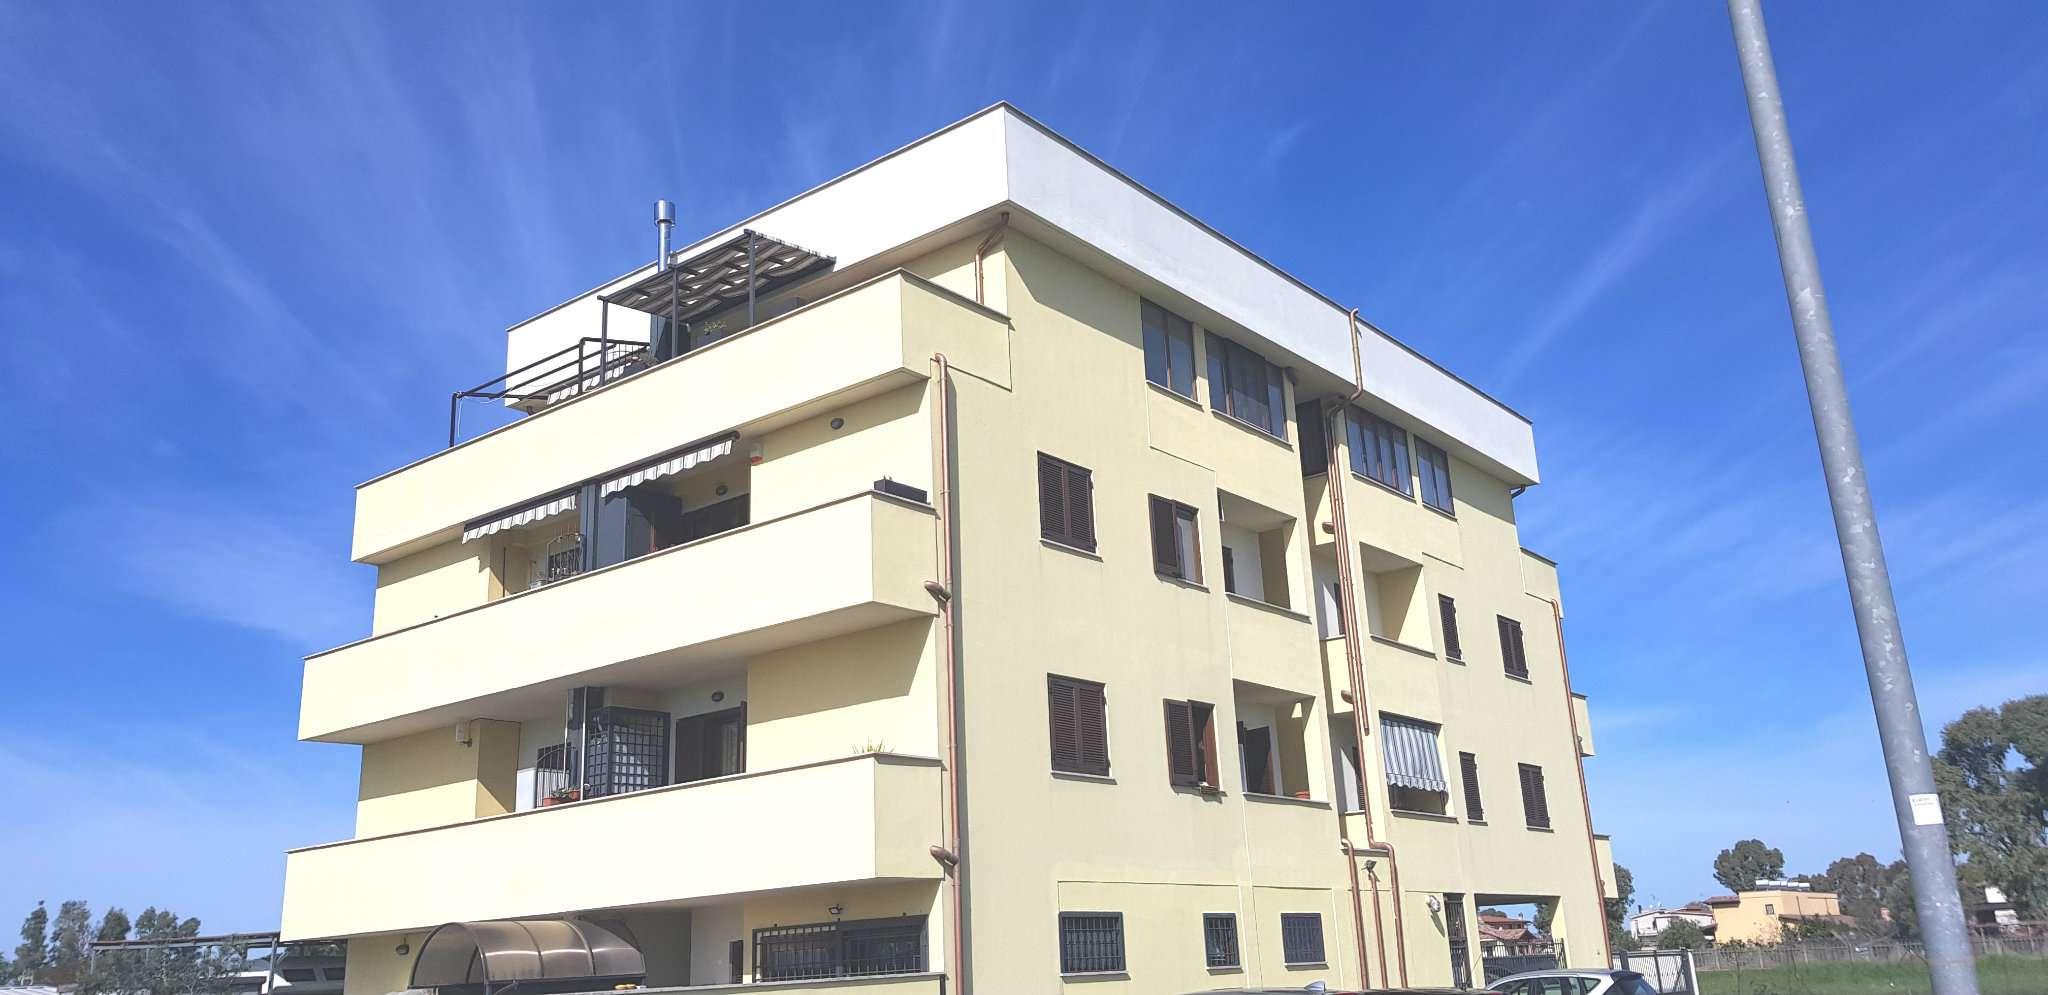 Appartamento in vendita a Roma, 3 locali, zona Zona: 40 . Piana del Sole, Casal Lumbroso, Malagrotta, Ponte Galeria, prezzo € 199.000   CambioCasa.it